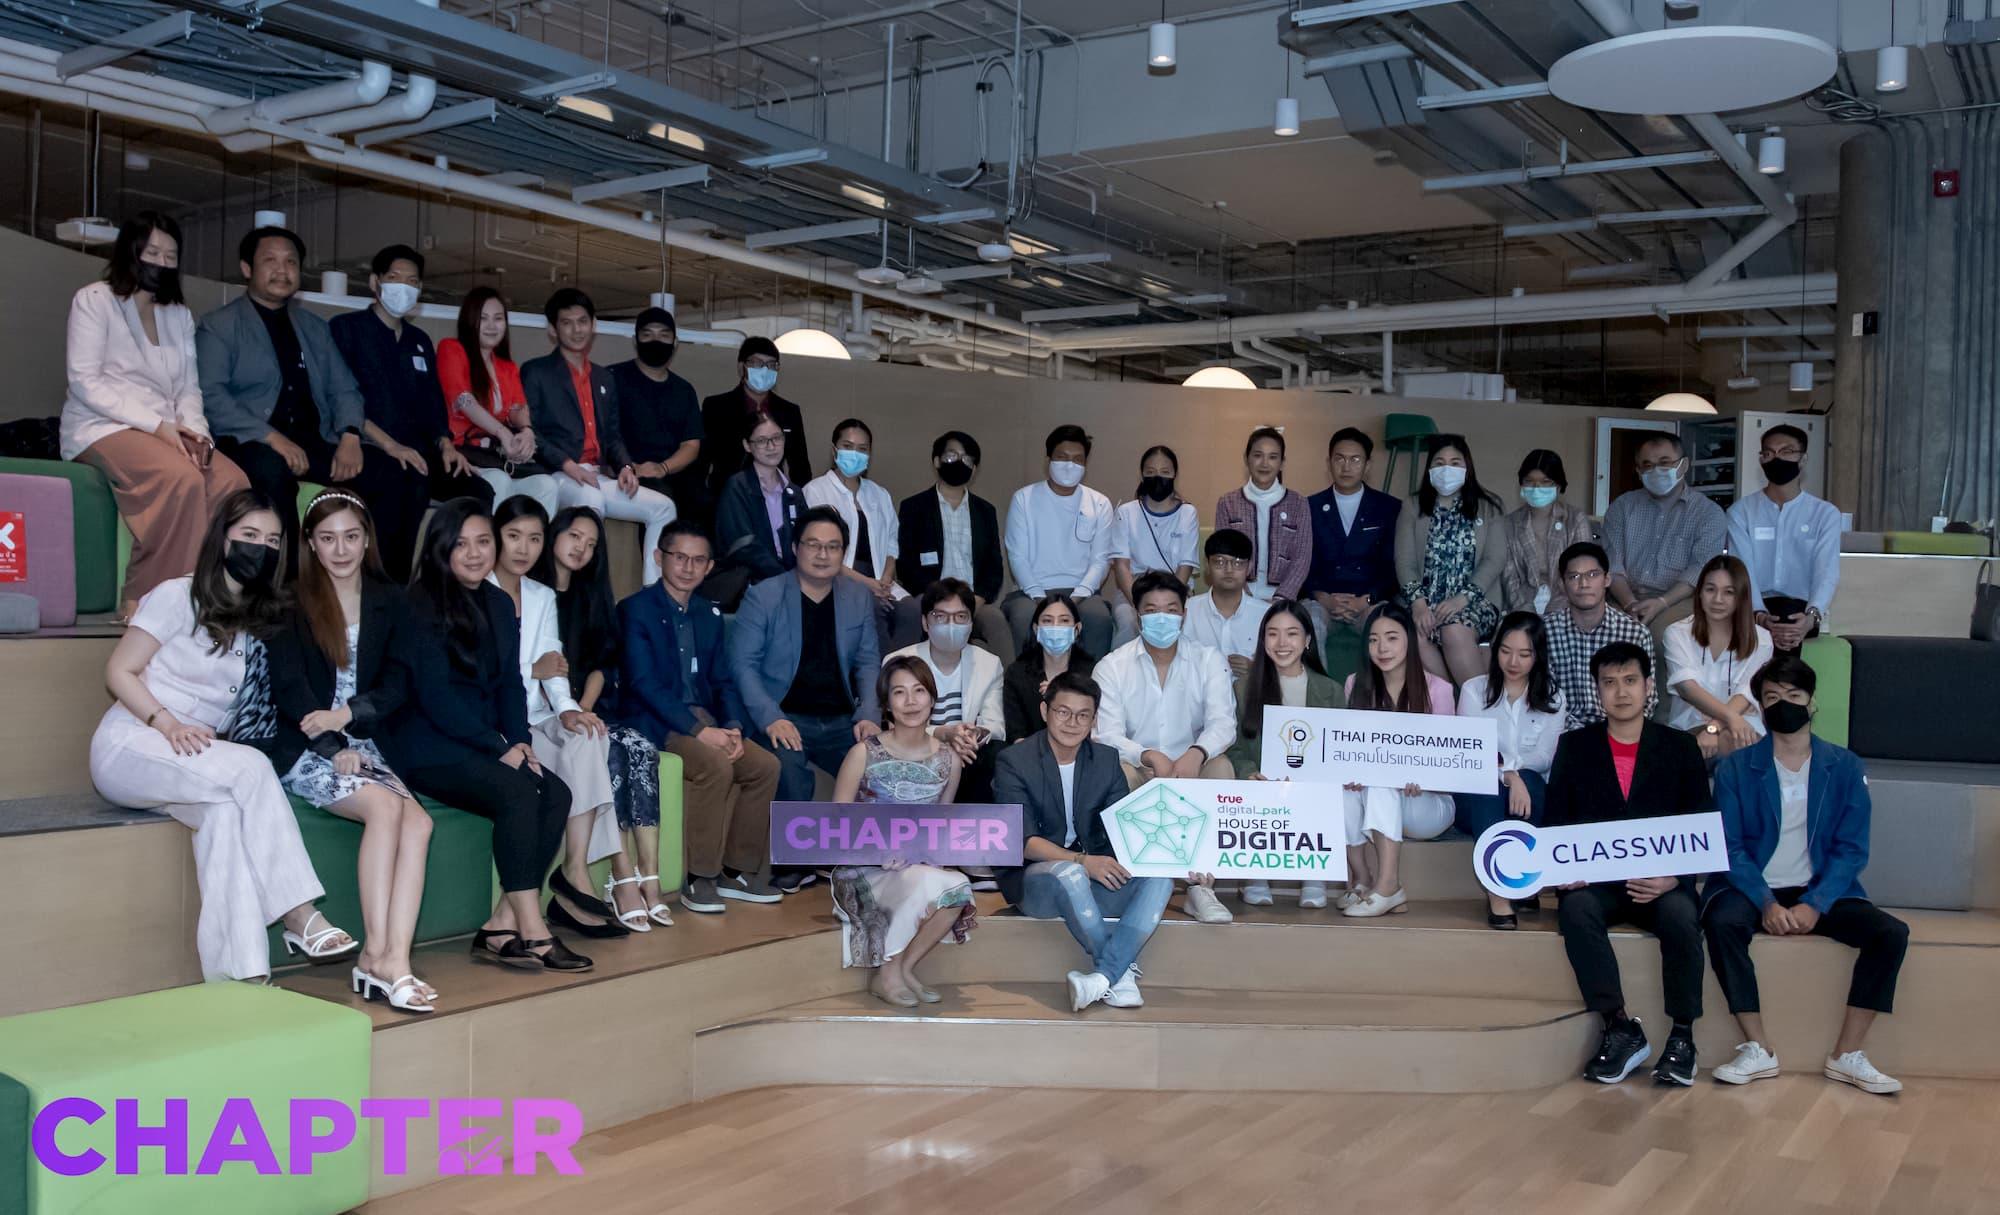 สมาคมโปรแกรมเมอร์ไทยจัดเวิร์คชอปให้ digital entrepreneur